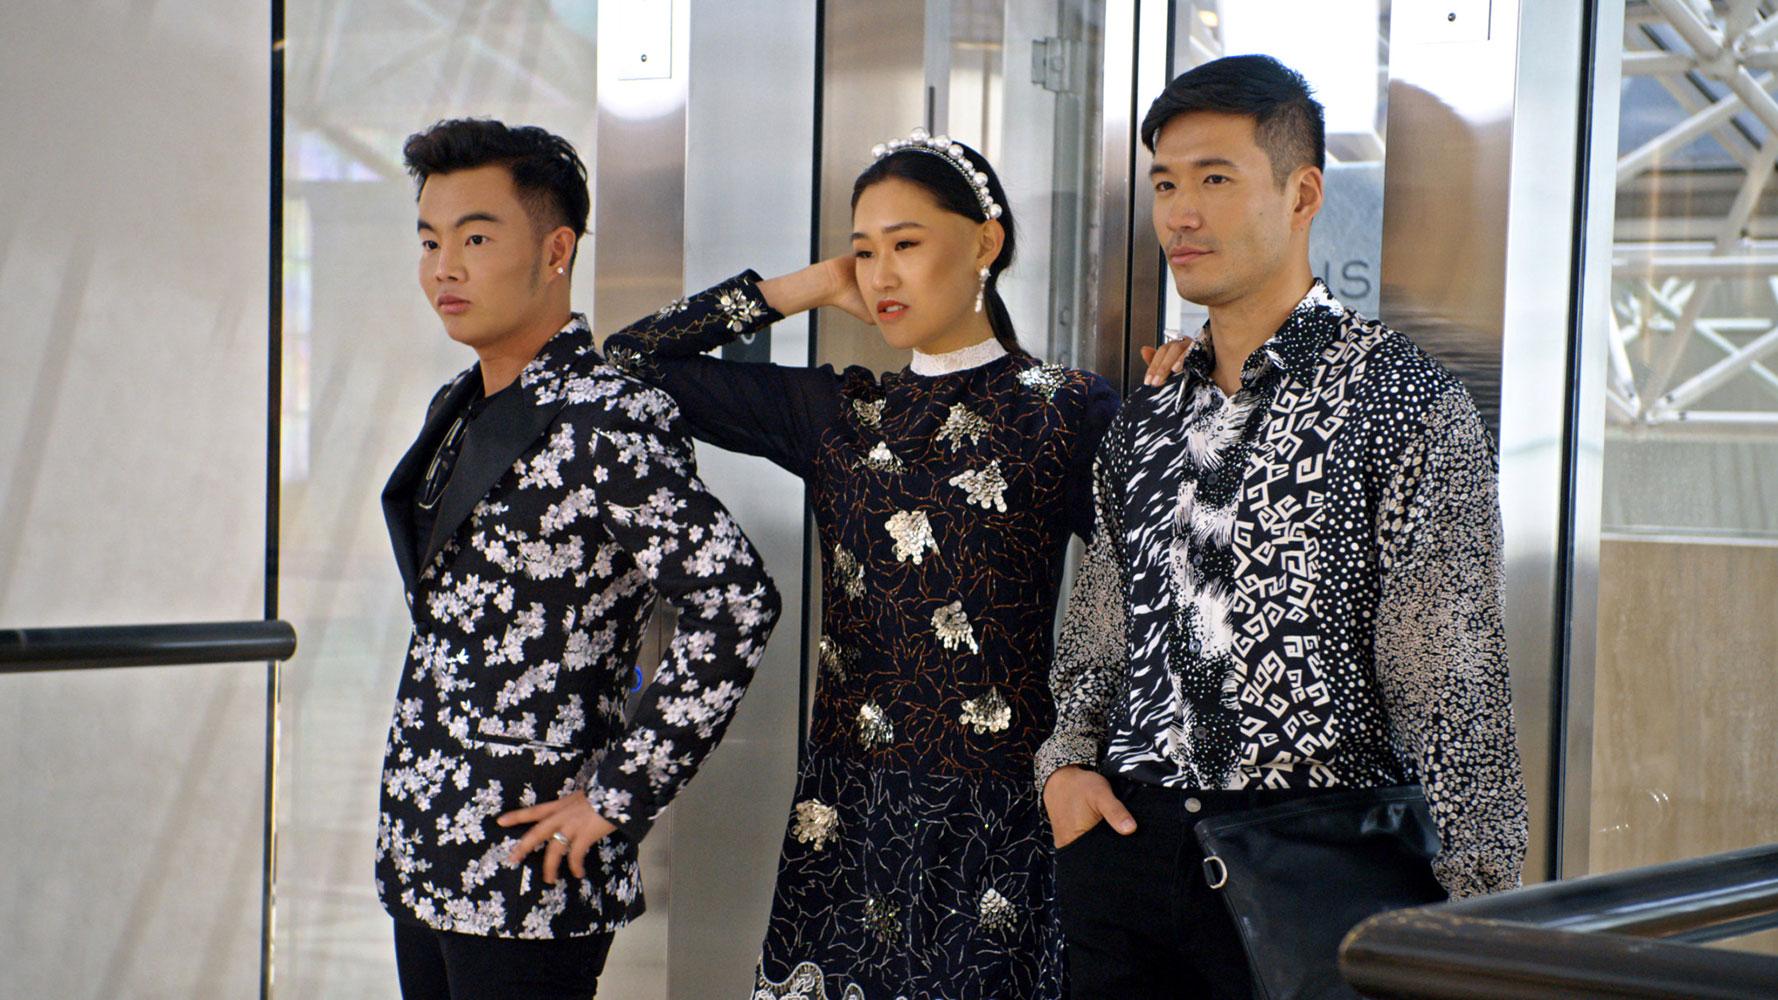 Từ trái sang: Kane Lim, Jamie Xie và Kevin Kreider, ba thành viên của dàn nhân vật chính mùa 1 Bling Empire.